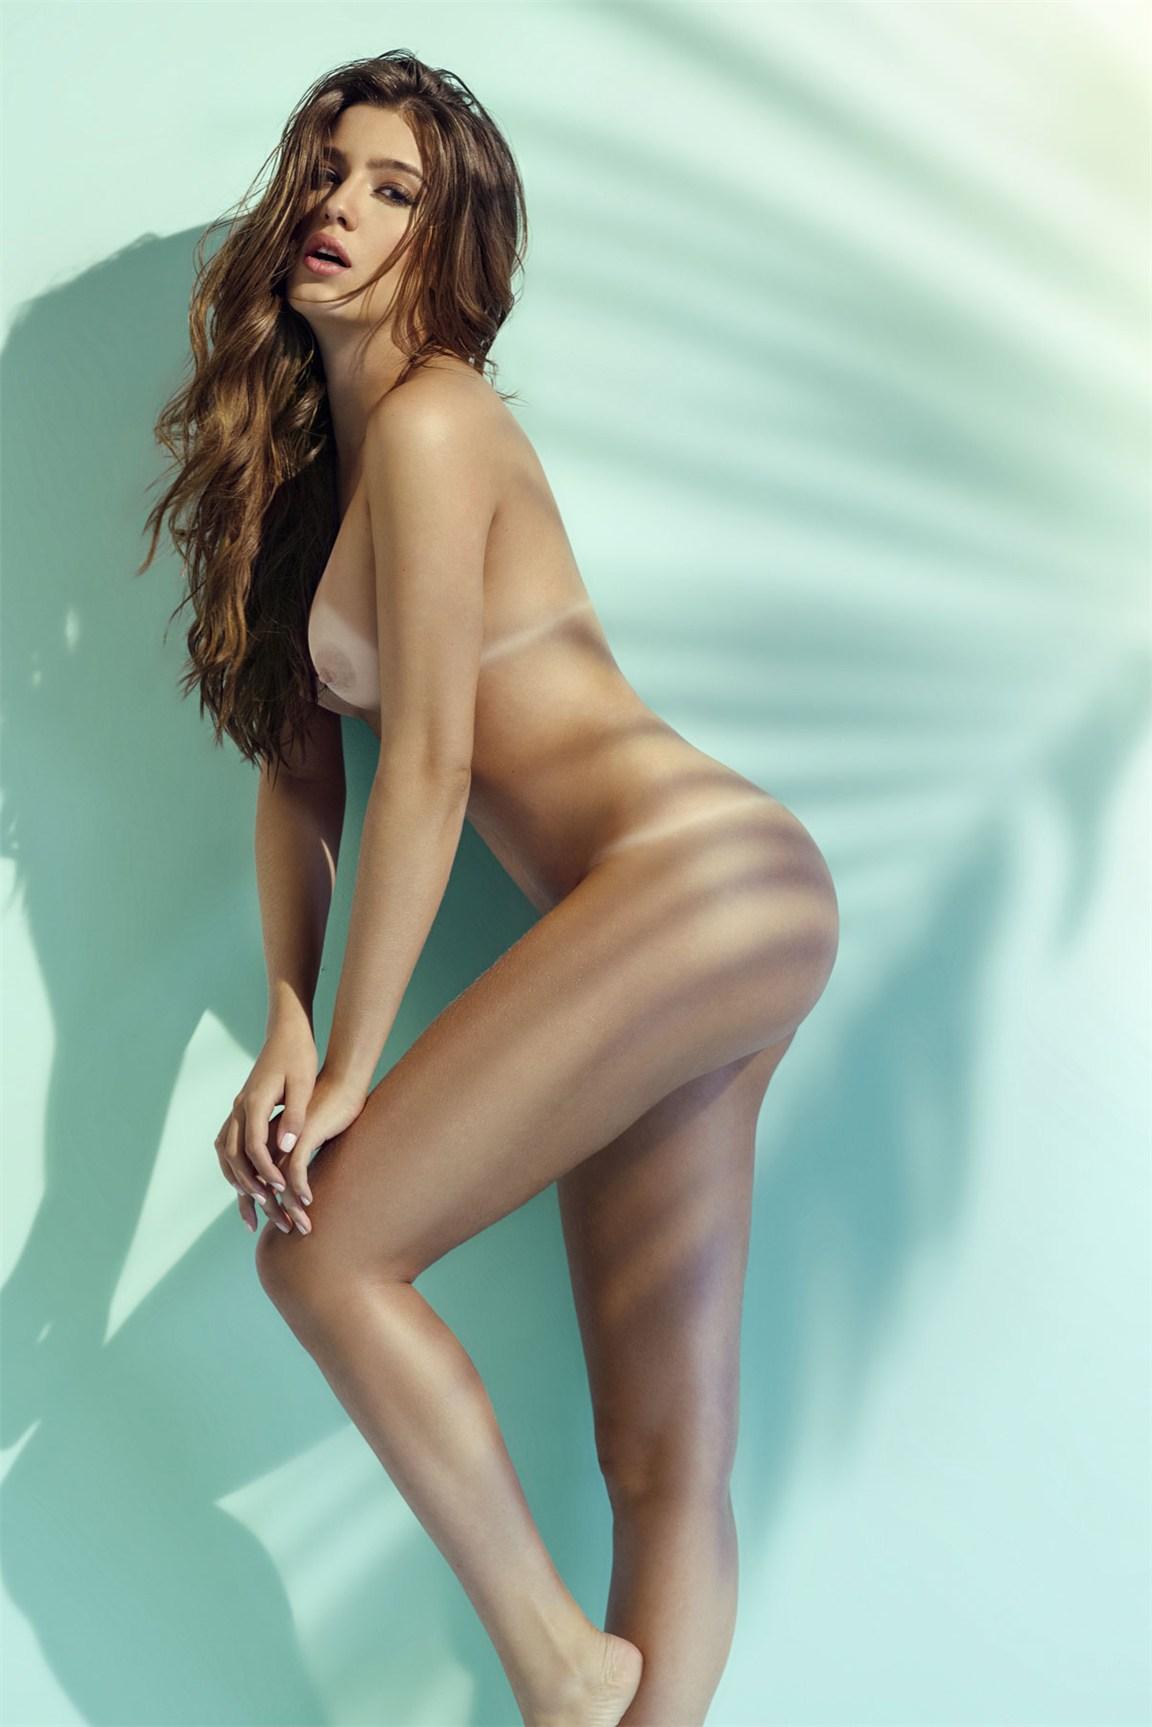 сексуальные девушки на фотографиях колумбийца Felipe Bohorquez